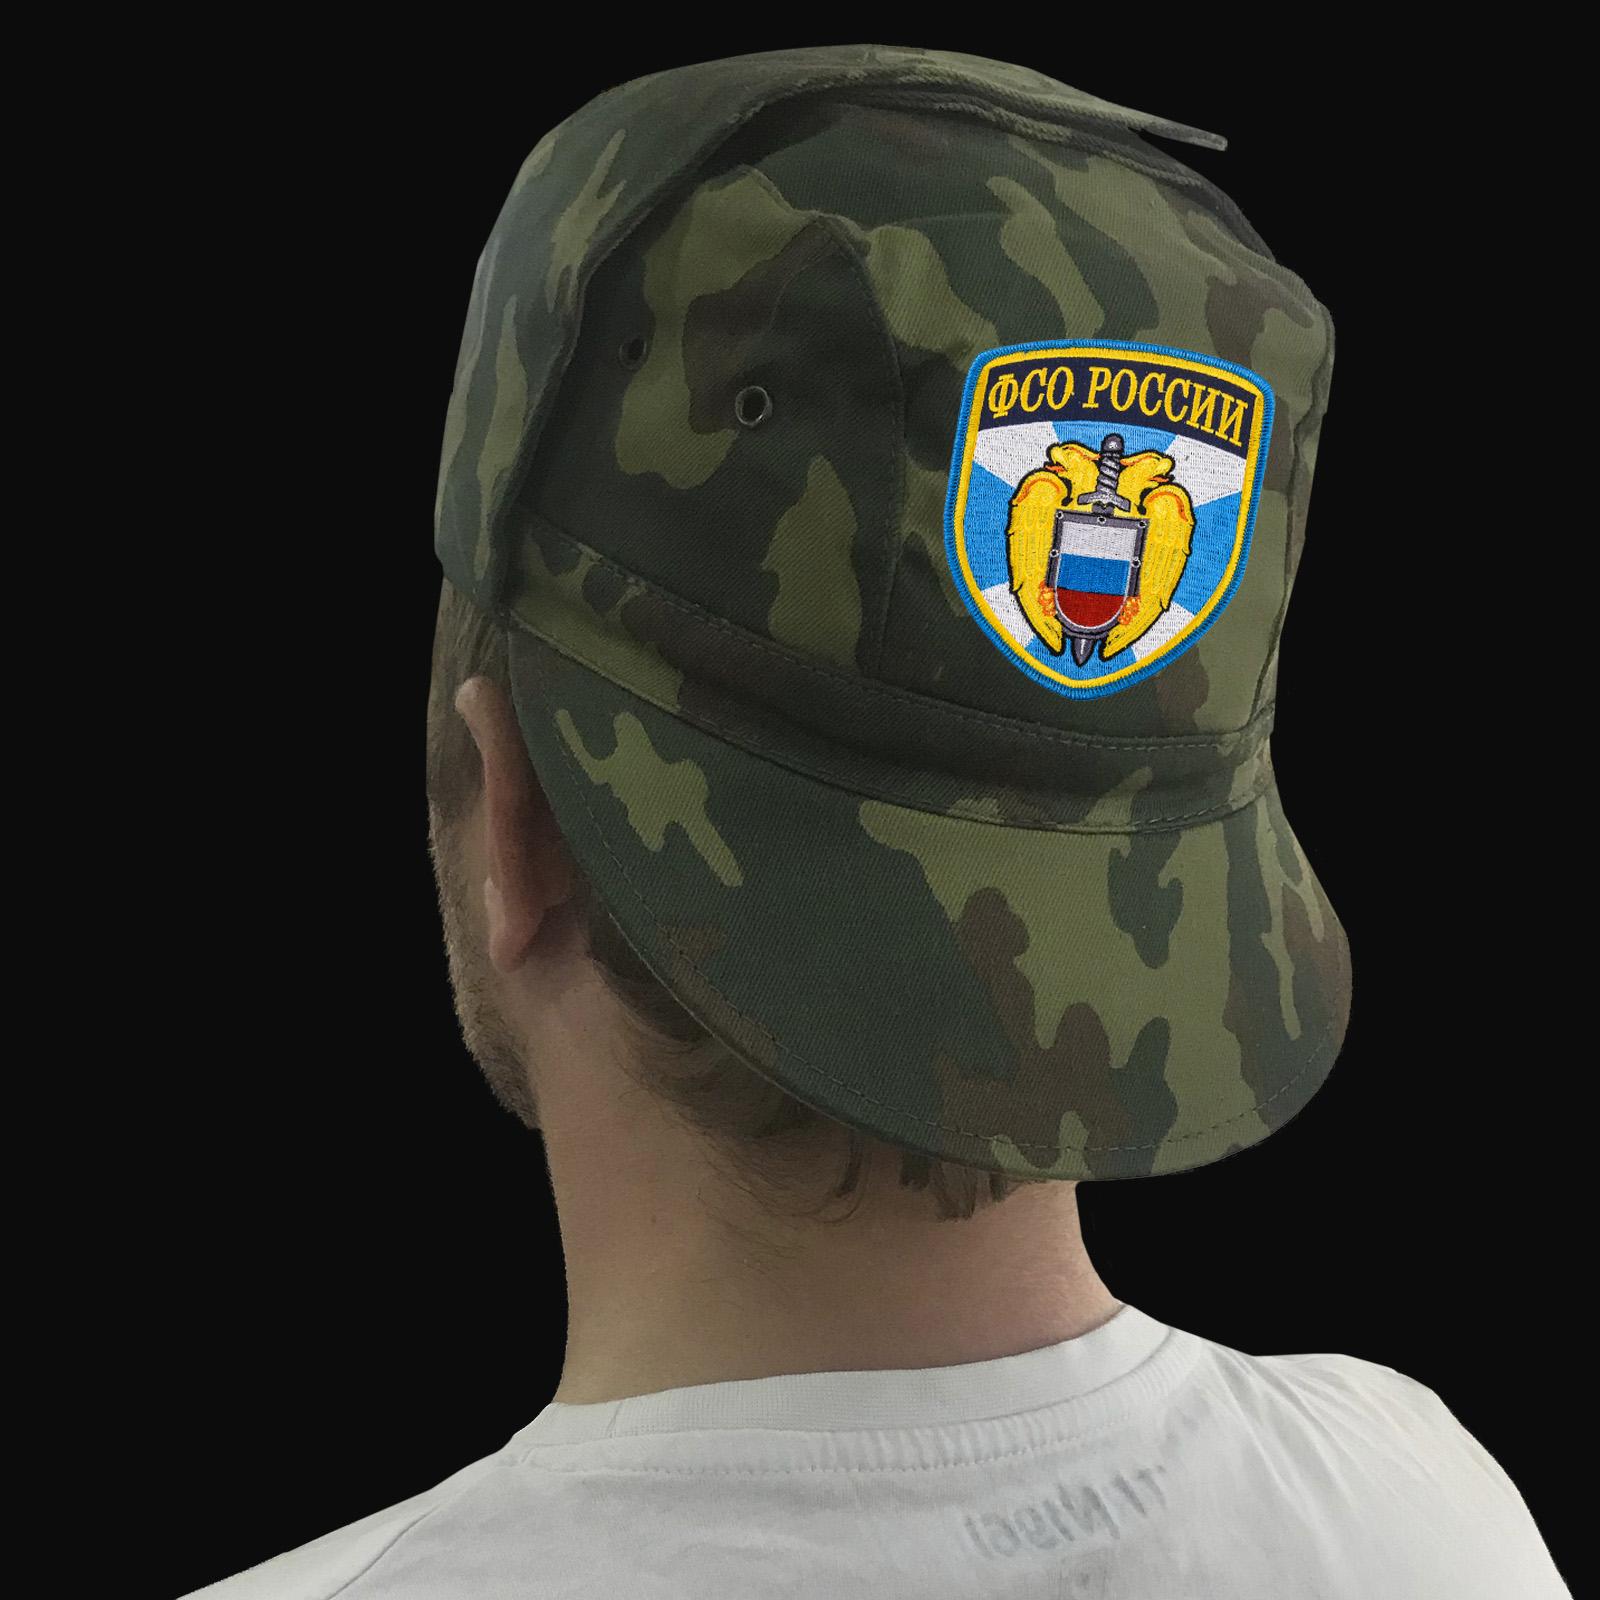 Символика ФСО на удобной и недорогой одежде: от кепок до шорт